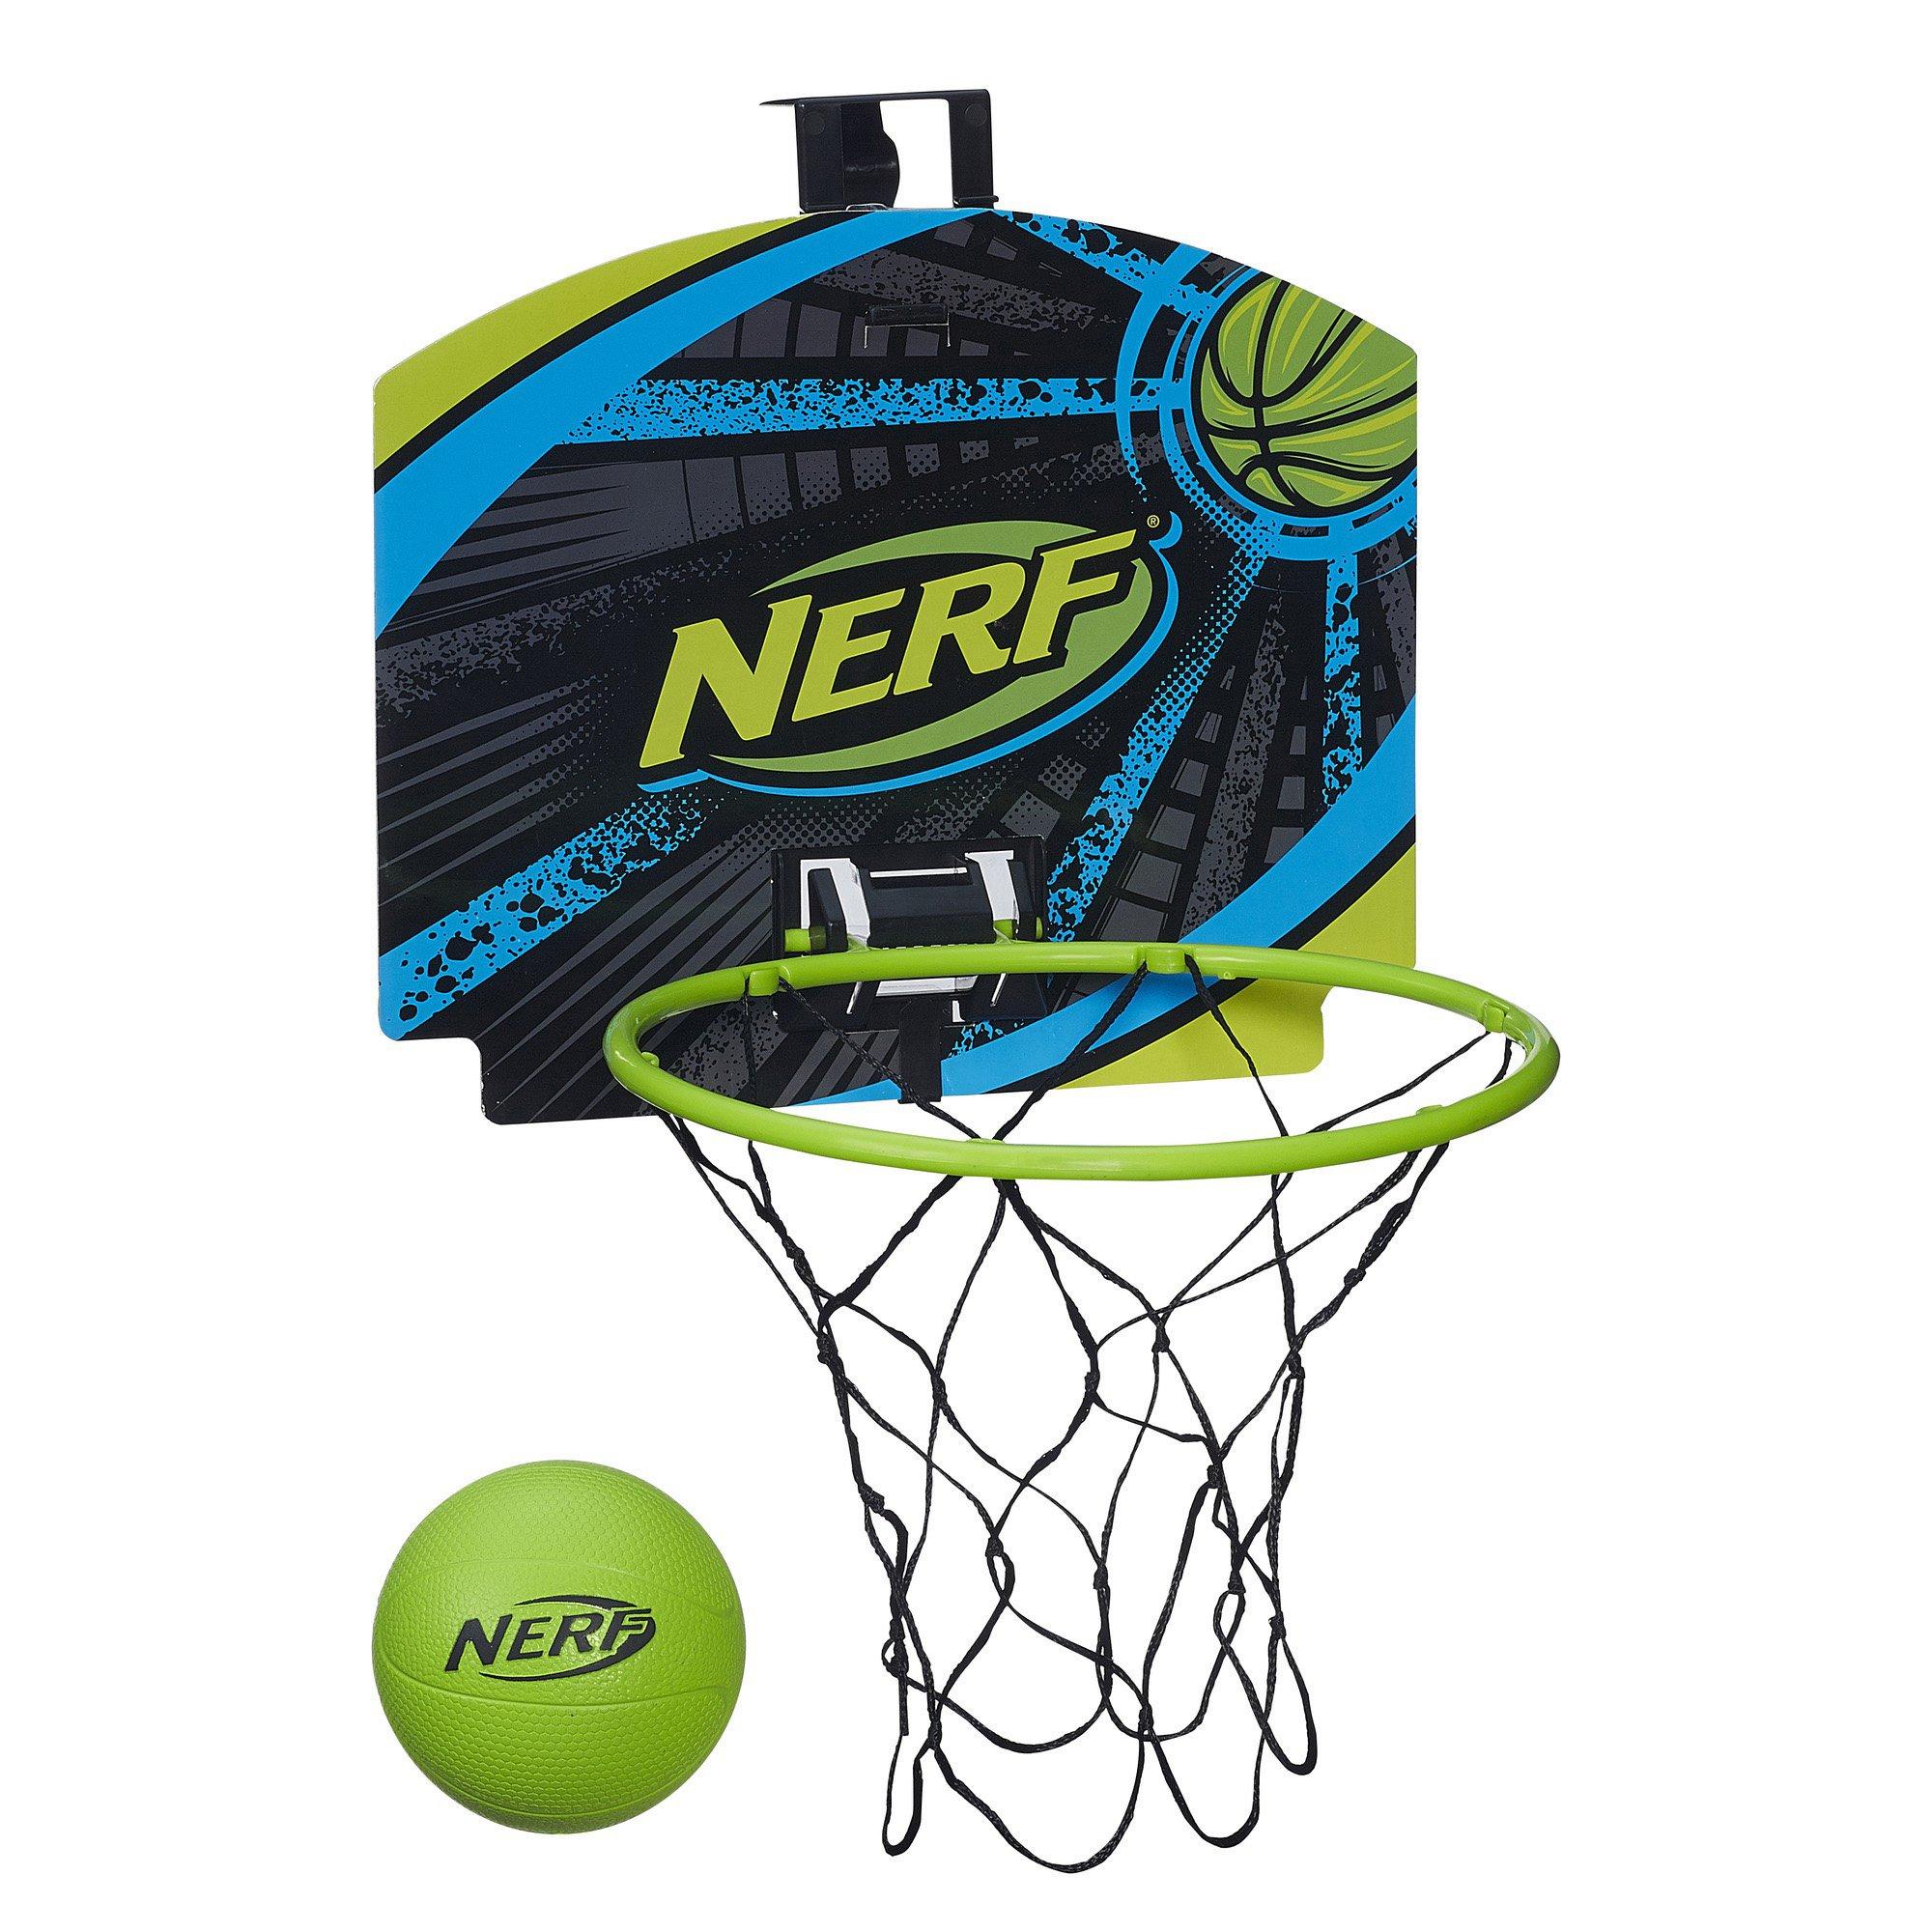 Nerf Sports Nerfoop Set Toy Kids Fun Basketball Game Hoop ...